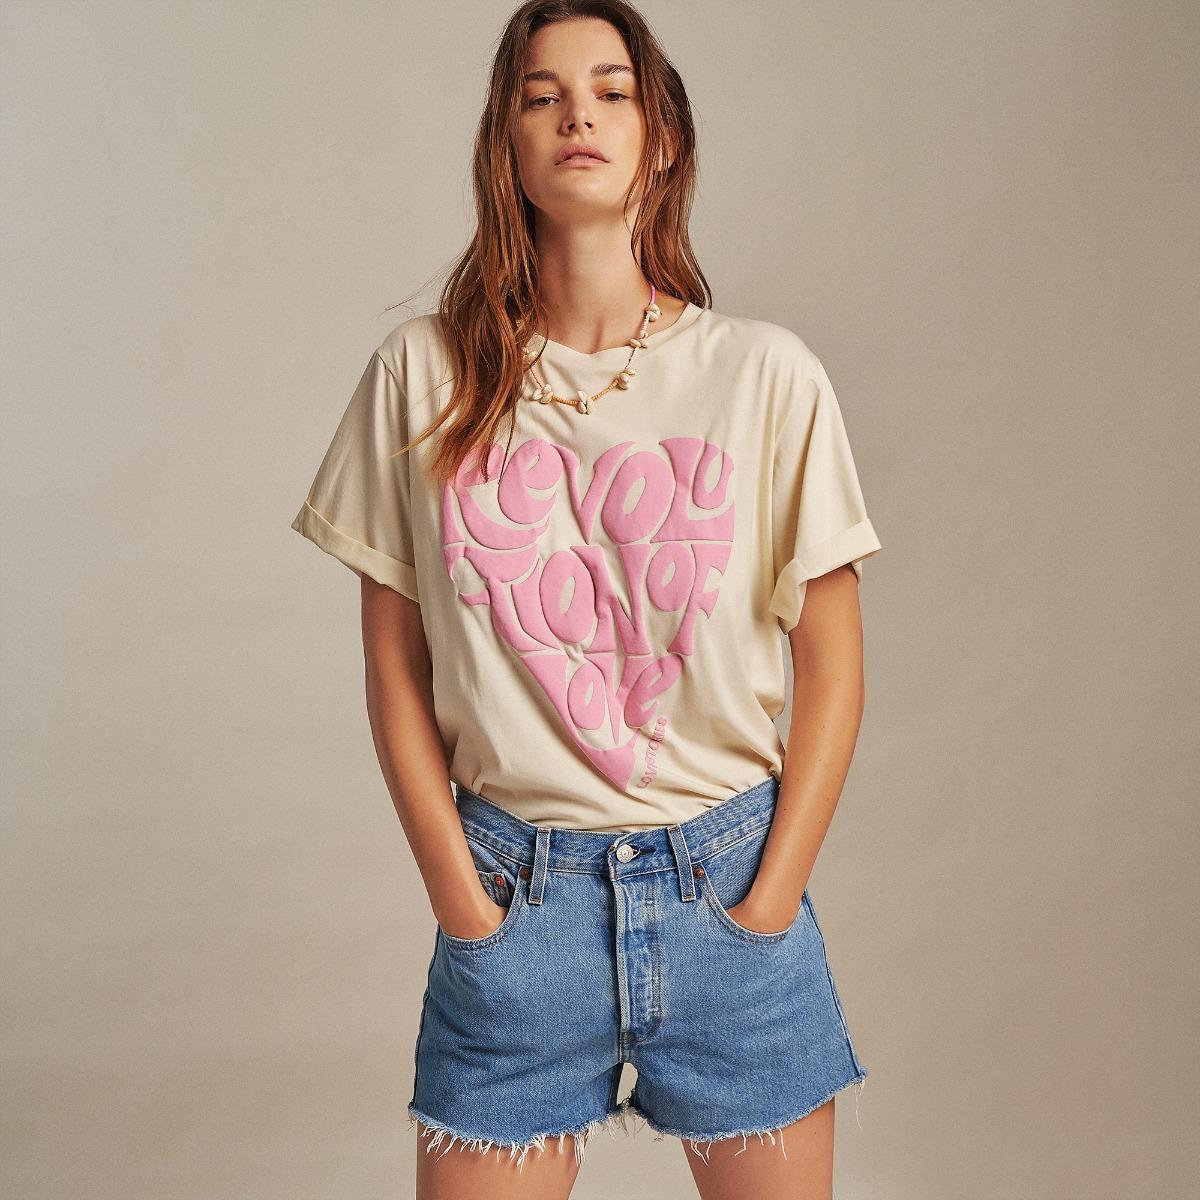 Love stories Josie T-Shirt